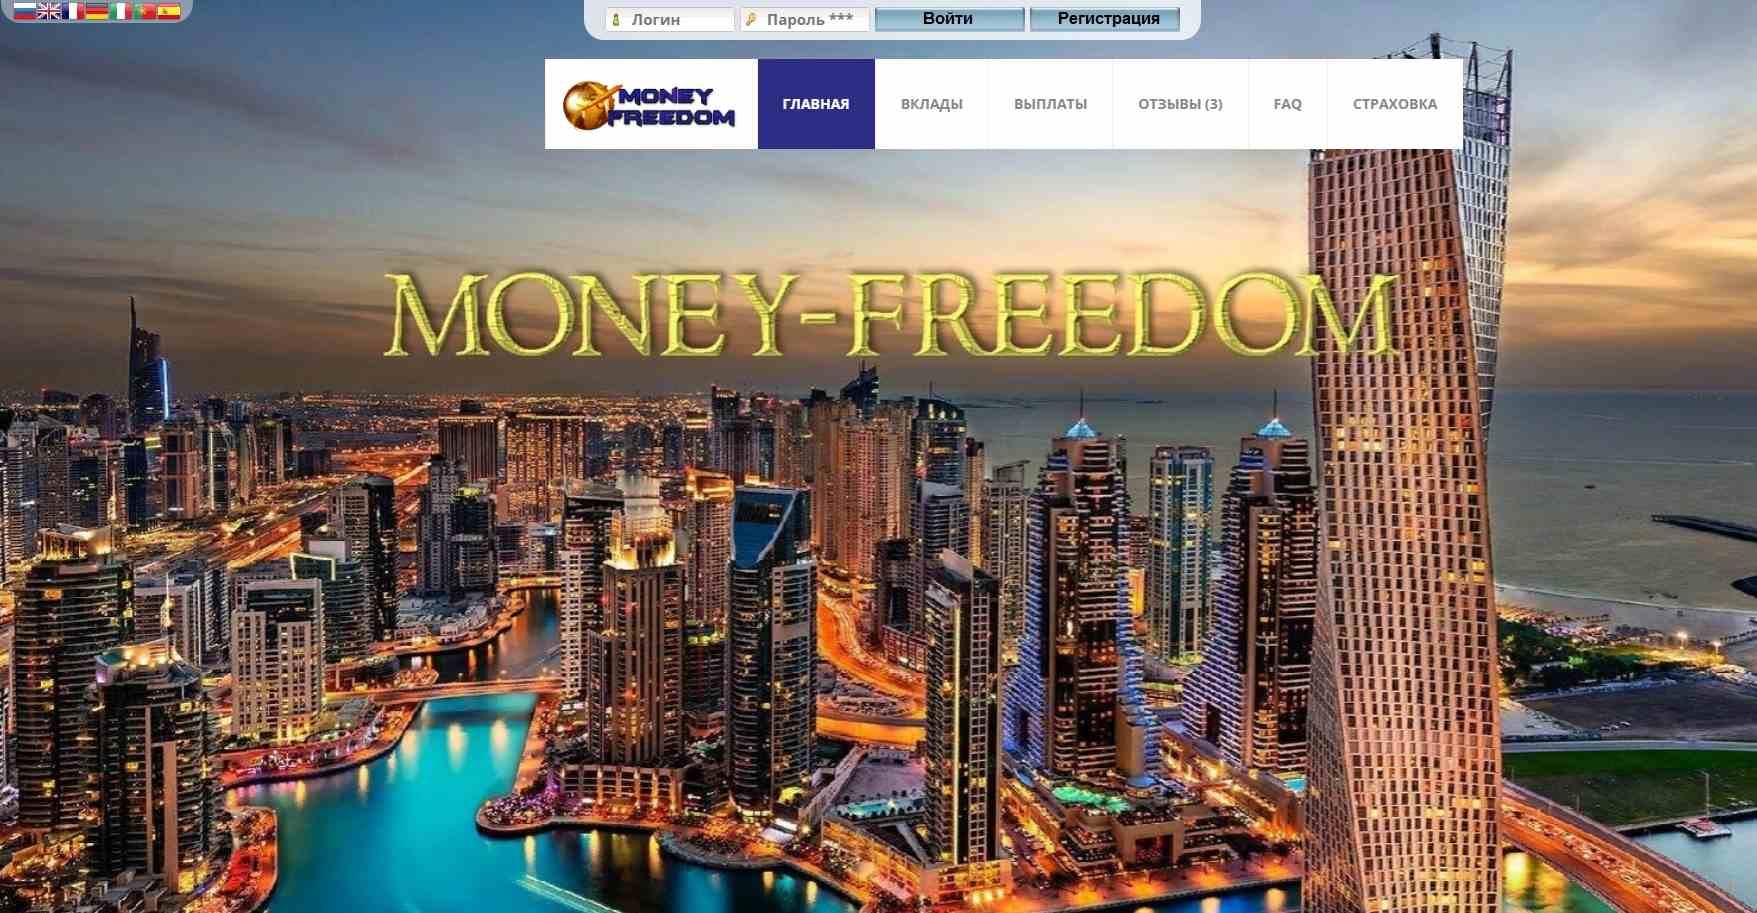 Money-freedom